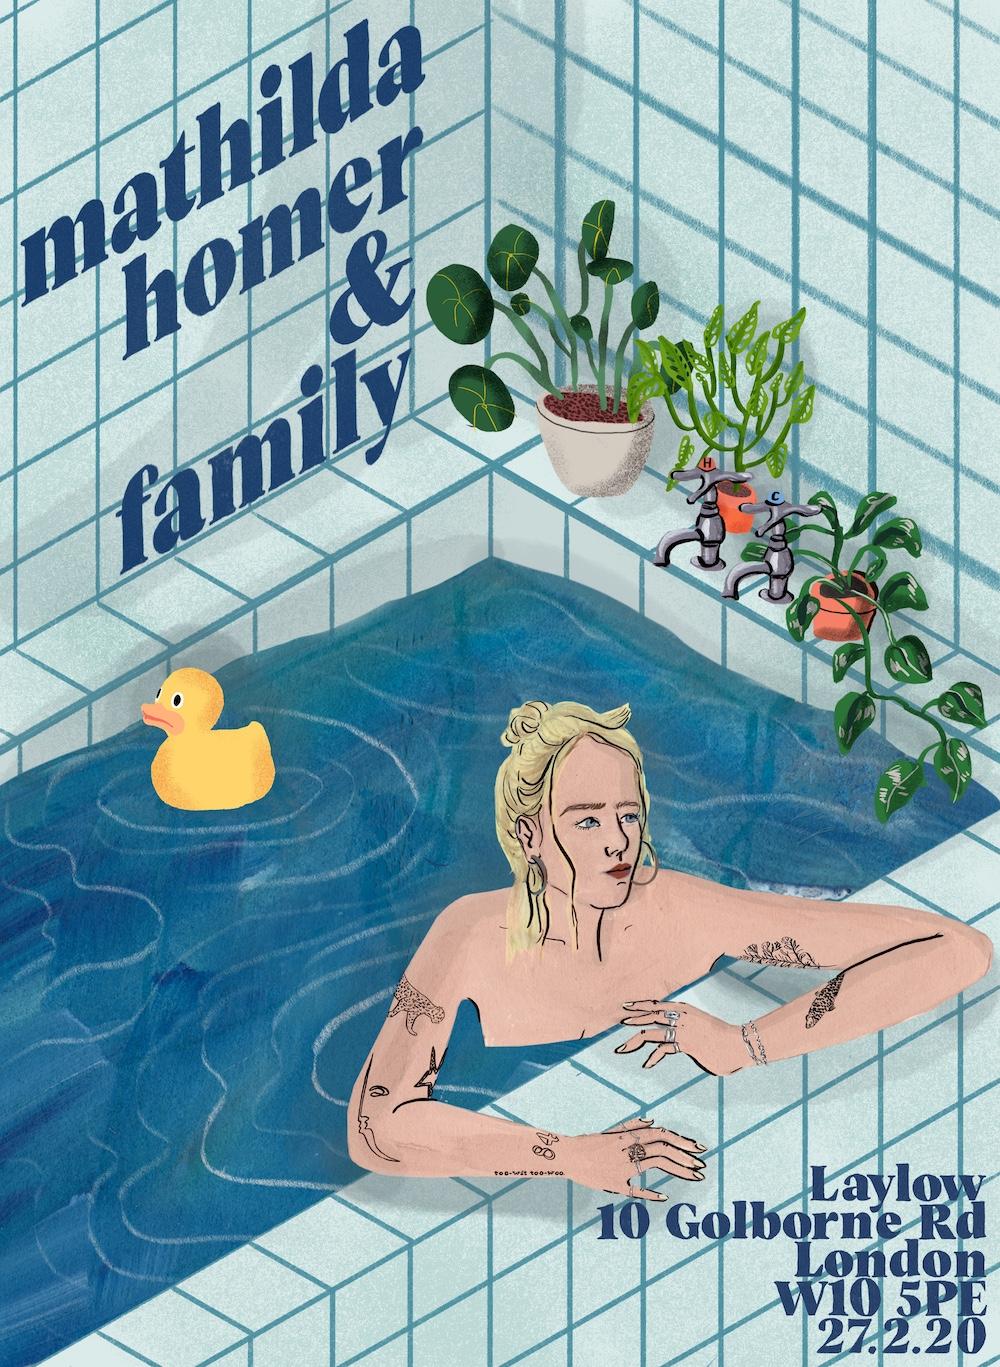 Mathilda Homer & Family